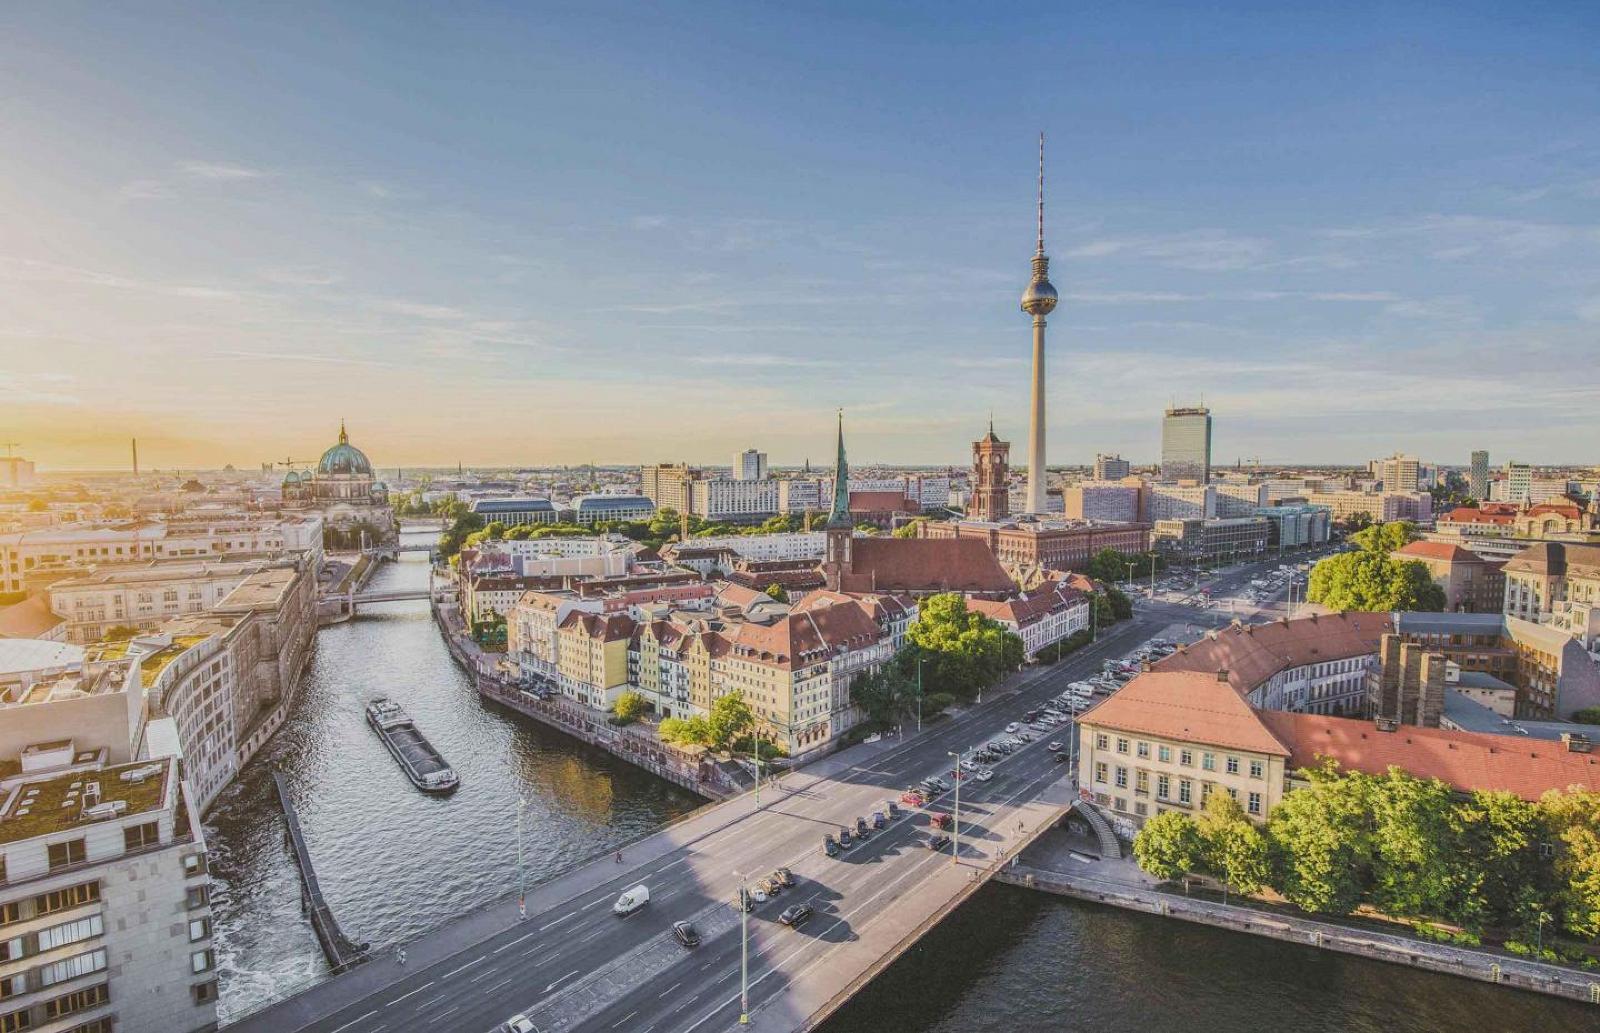 سبزترین شهر جهان